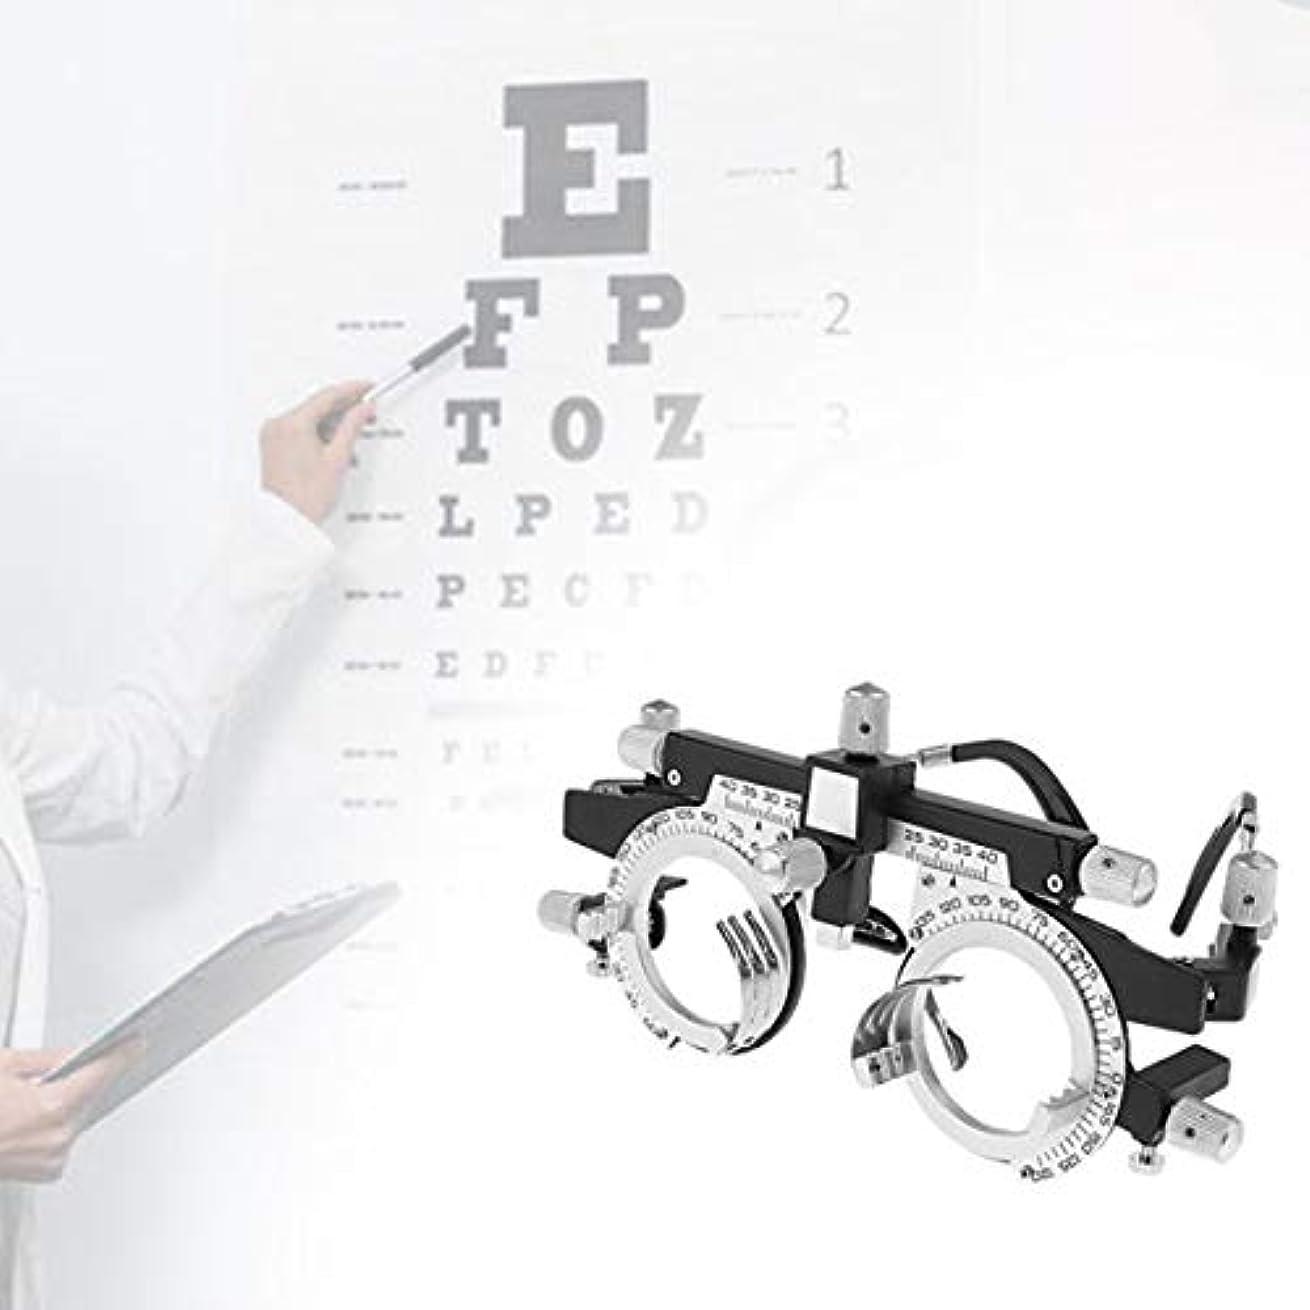 パスタ可聴勤勉な調節可能なプロフェッショナルアイウェア検眼メタルフレーム光学オプティクストライアルレンズメタルフレームPDメガネアクセサリー